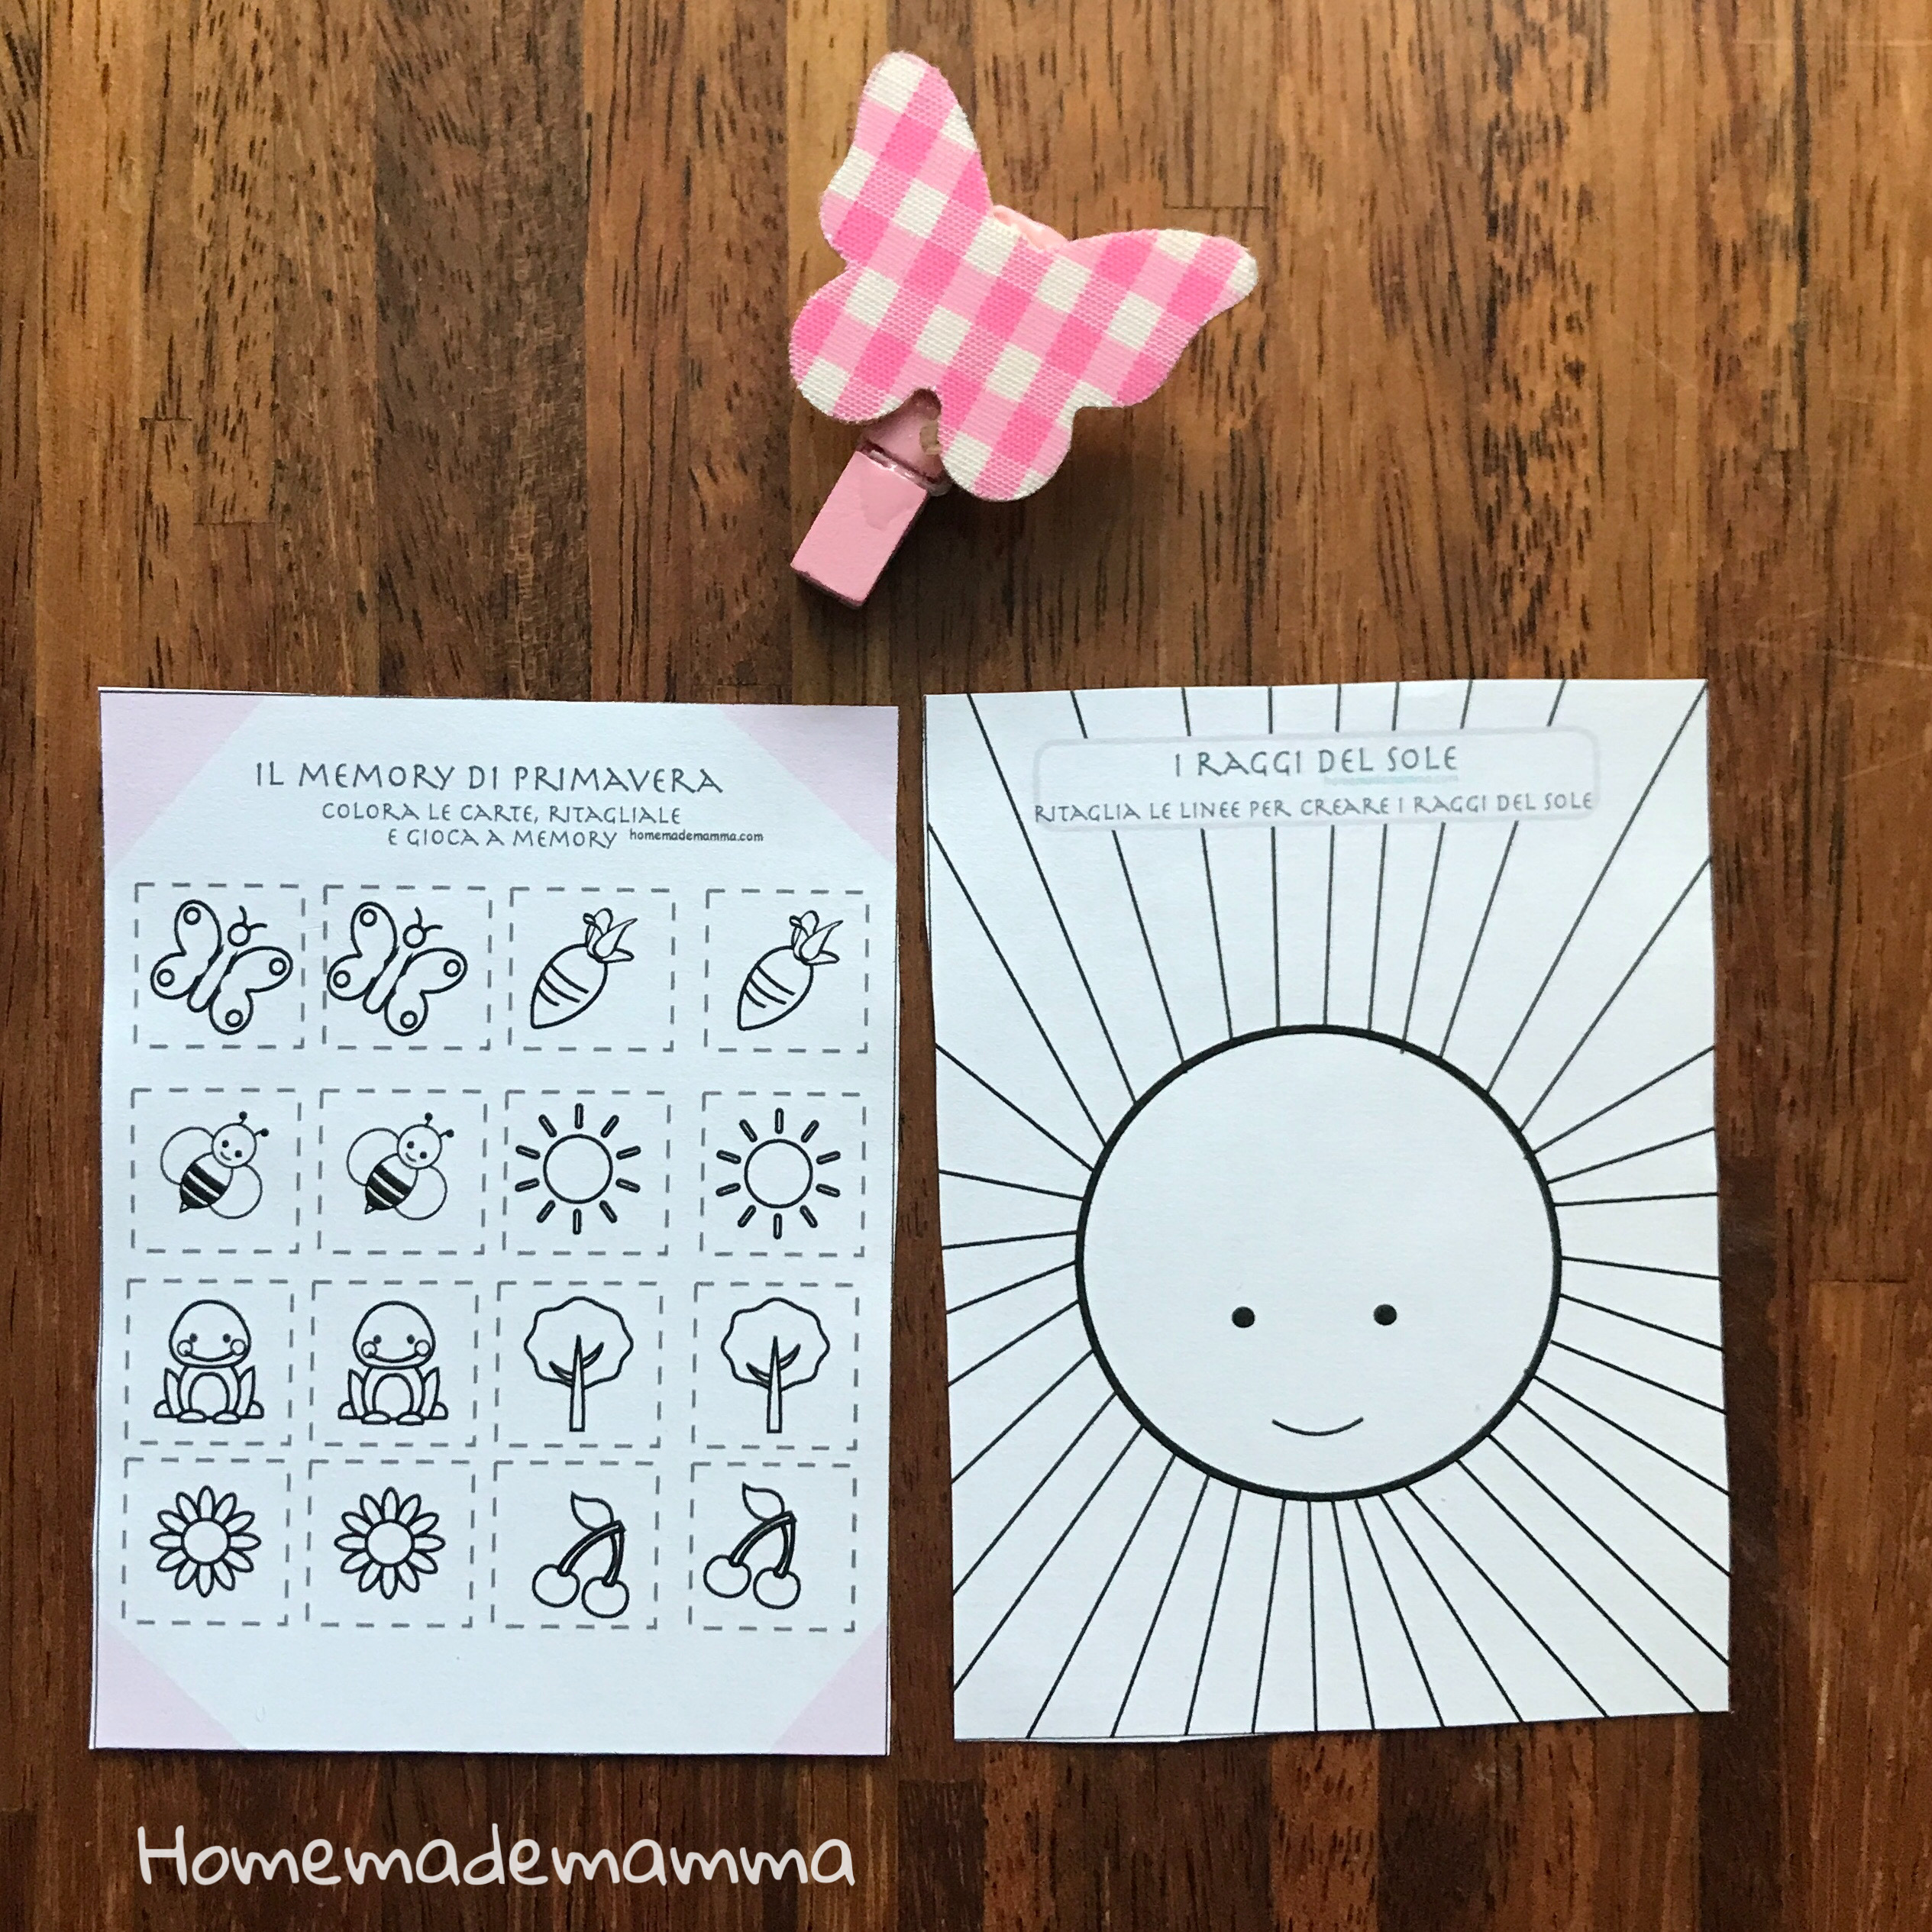 scuola infanzia schede e attività pregrafismo, logica, disegno, colori bambini primavera da stampare